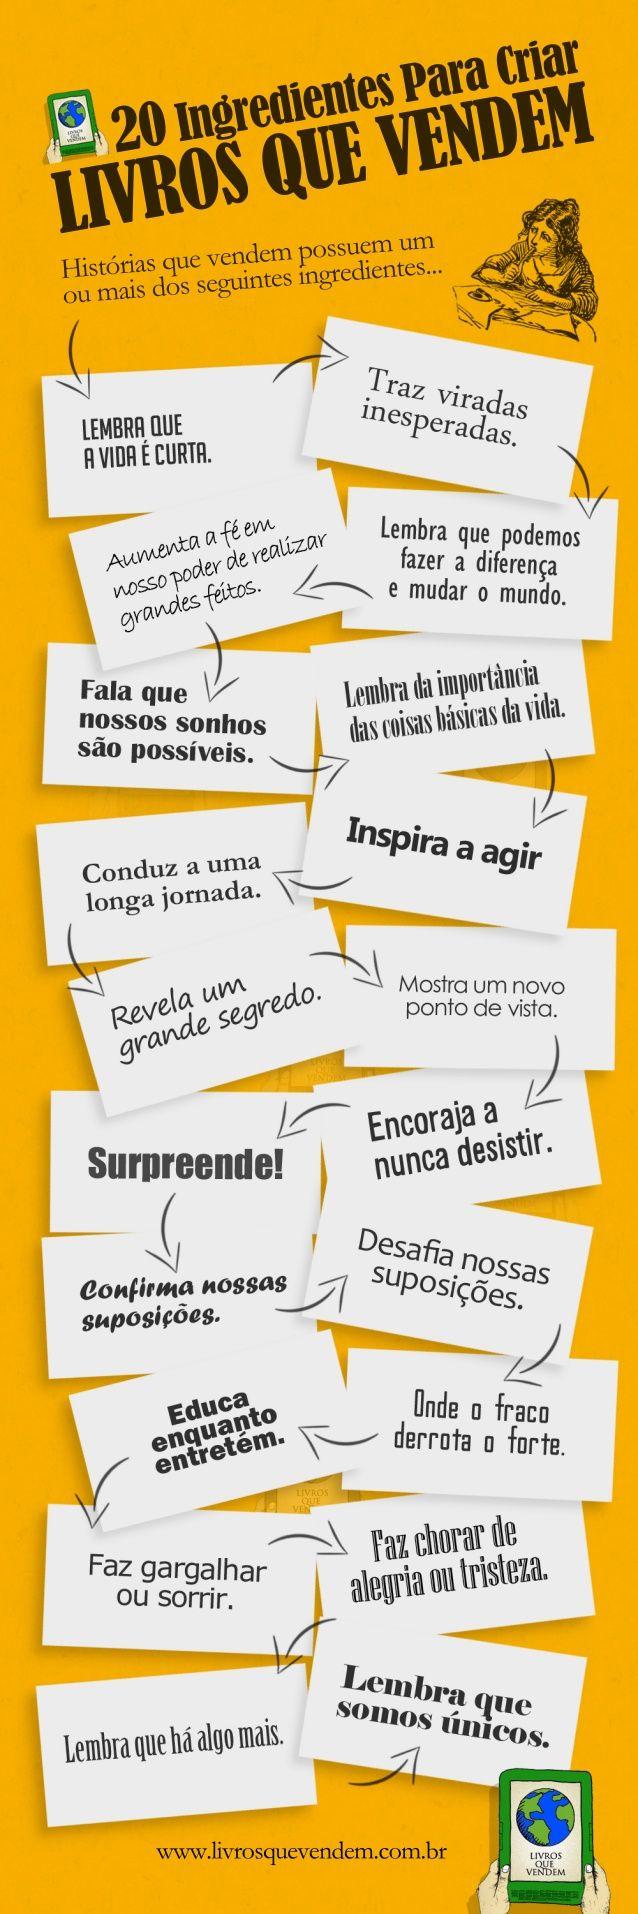 Escrever um bom livro é a mais importante estratégia de marketing literário. Neste infográfico, conheça os 20 ingredientes para criar Livros Que Vendem.  Mais em www.kindlemarketing.com.br #escritor #kindle #livros